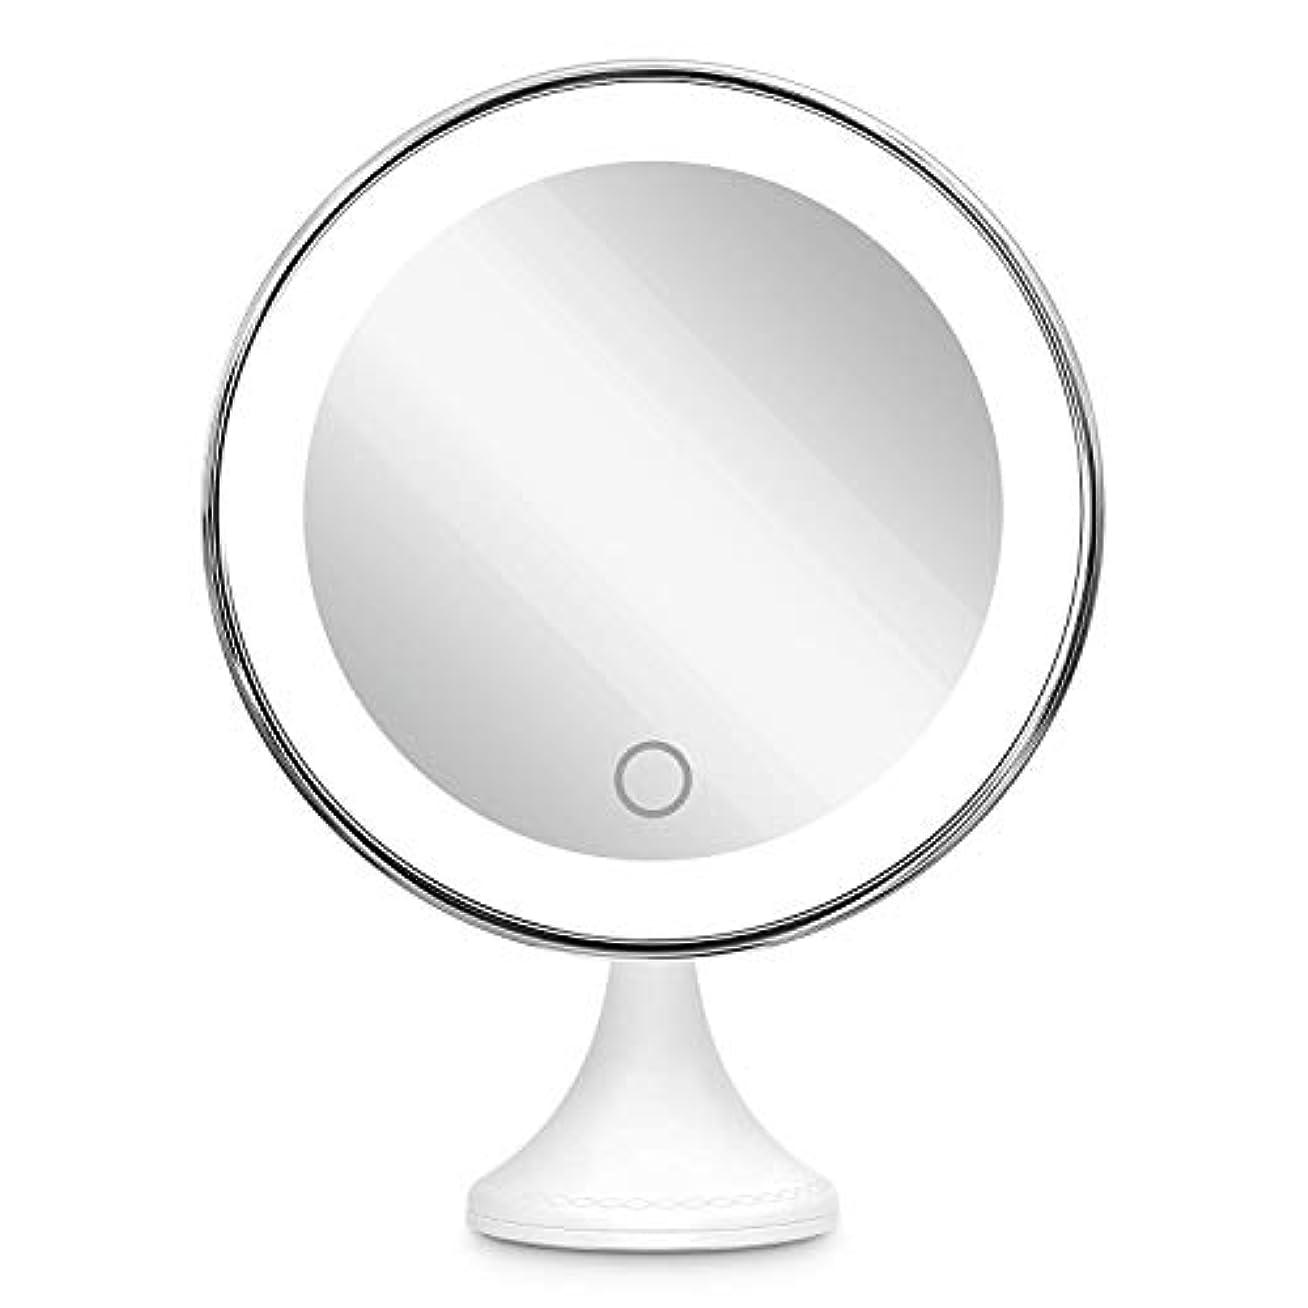 慢性的落胆させるコミット10倍拡大鏡 BEQOOL LED化粧鏡 化粧 拡大鏡 浴室鏡 女優ミラー 卓上鏡 壁掛けメイクミラー 吸着力が強いシリカゲル台座付き LEDの明るさと色調節でき 360度回転 単四電池&USB給電対応 ホワイト